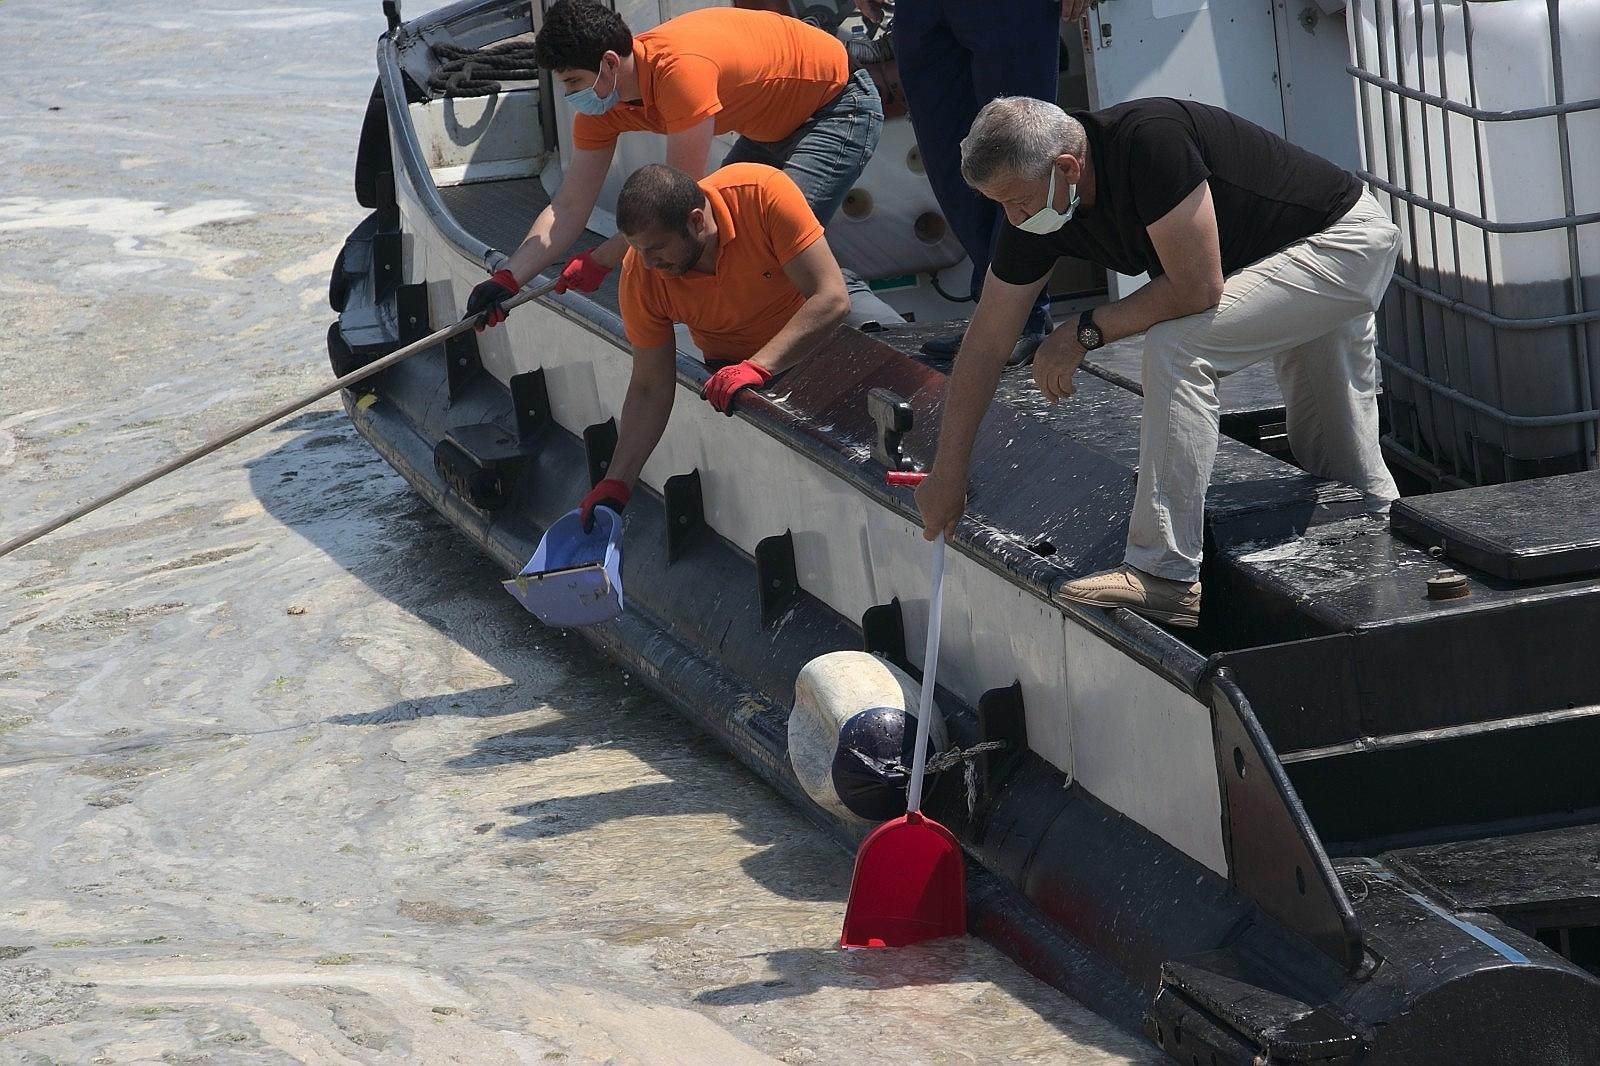 2021/06/vatandas-kureklerle-deniz-salyasi-temizledi-20210606AW33-1.jpg